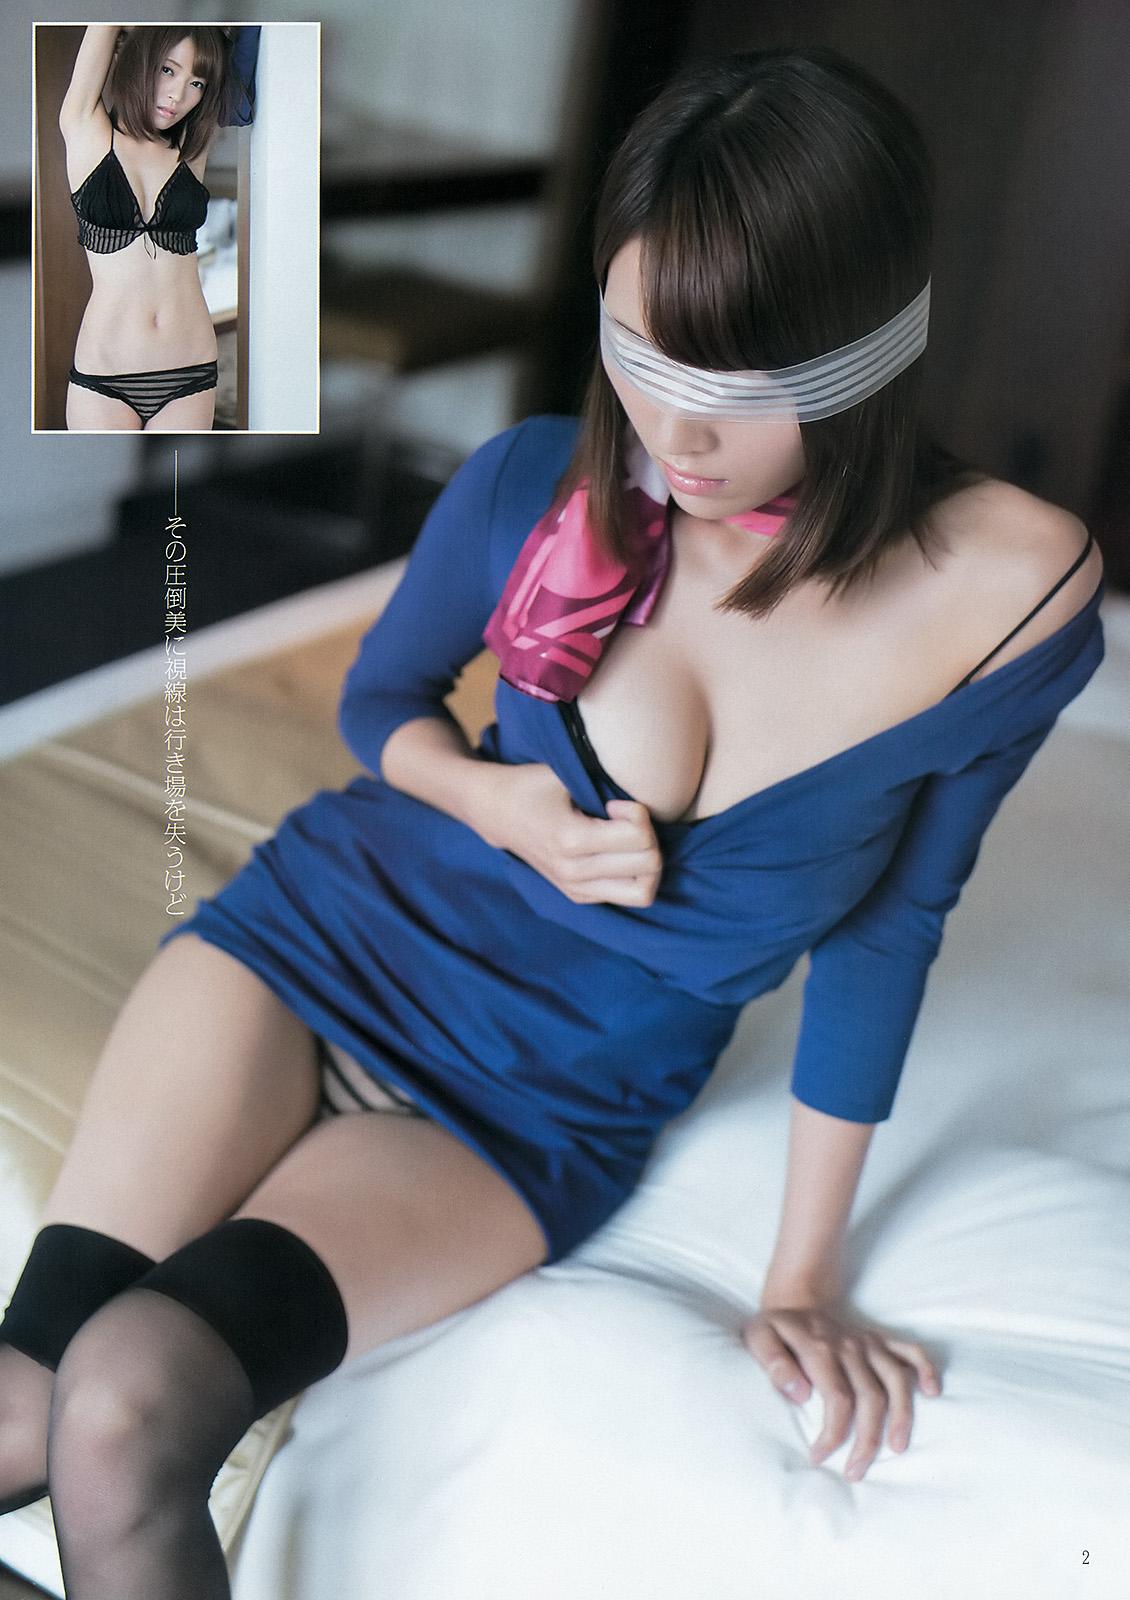 伊藤しほ乃のヌードエロ画像が100連発!元女芸人のGカップエロすぎ…!・18枚目の画像